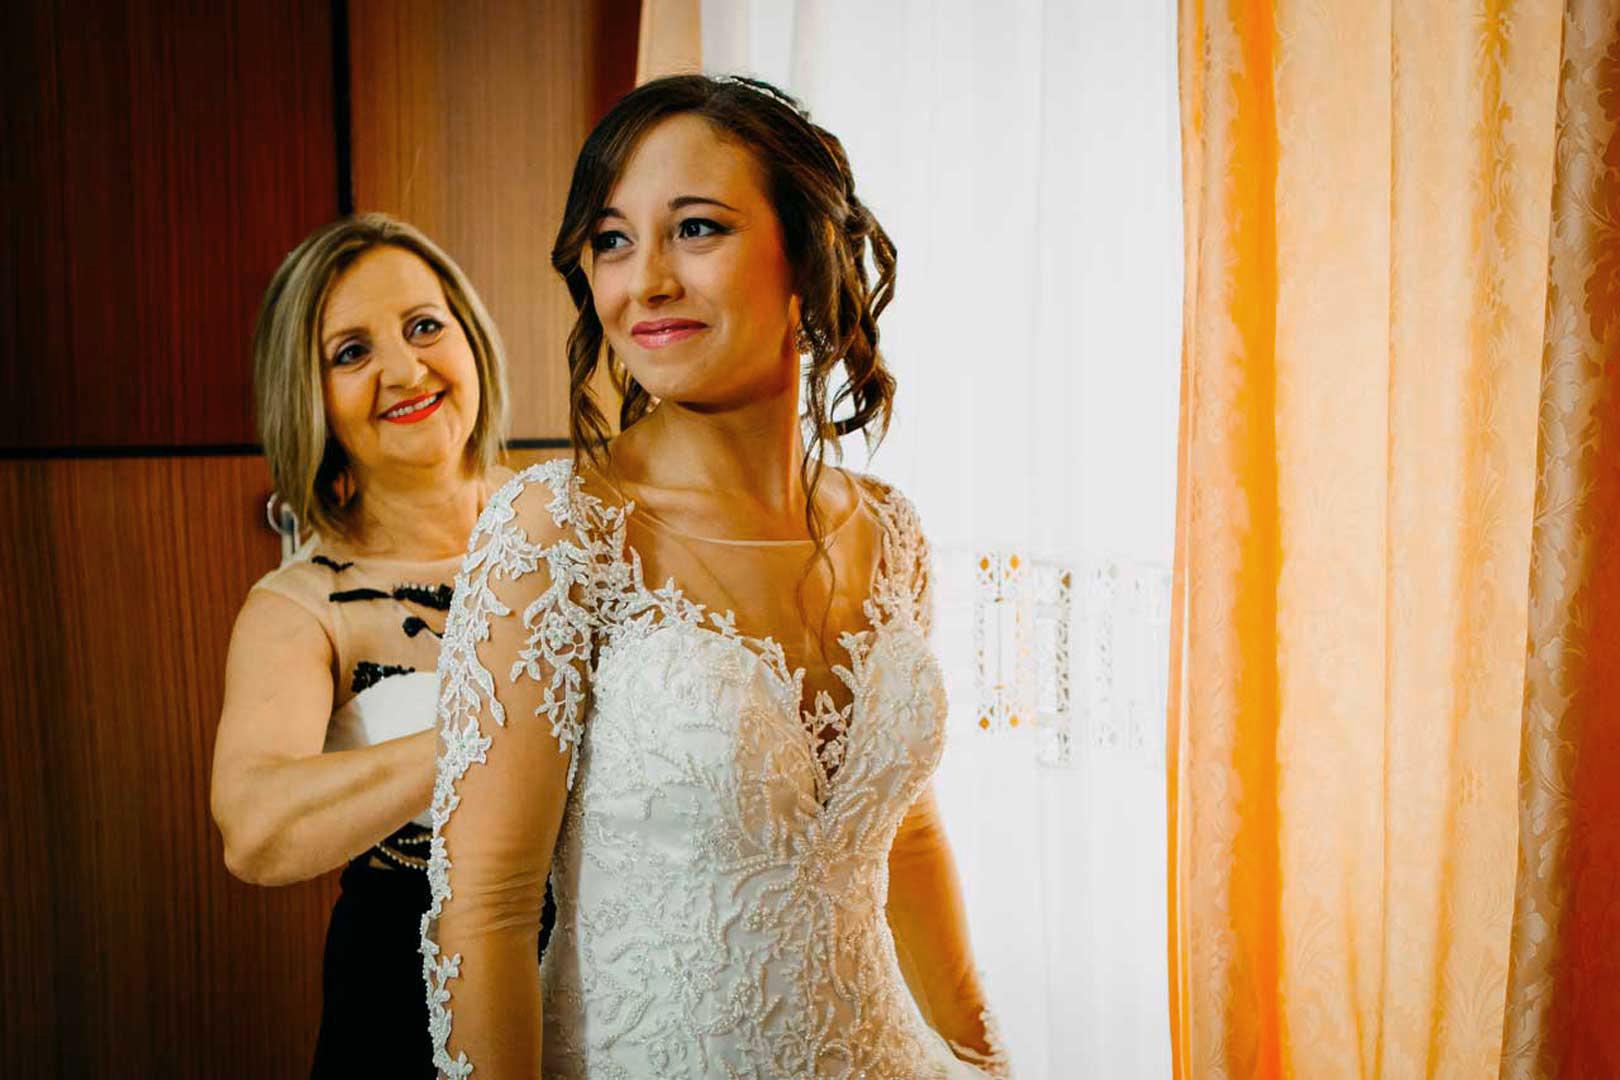 009-sposa-mamma-matrimonio-gianni-lepore